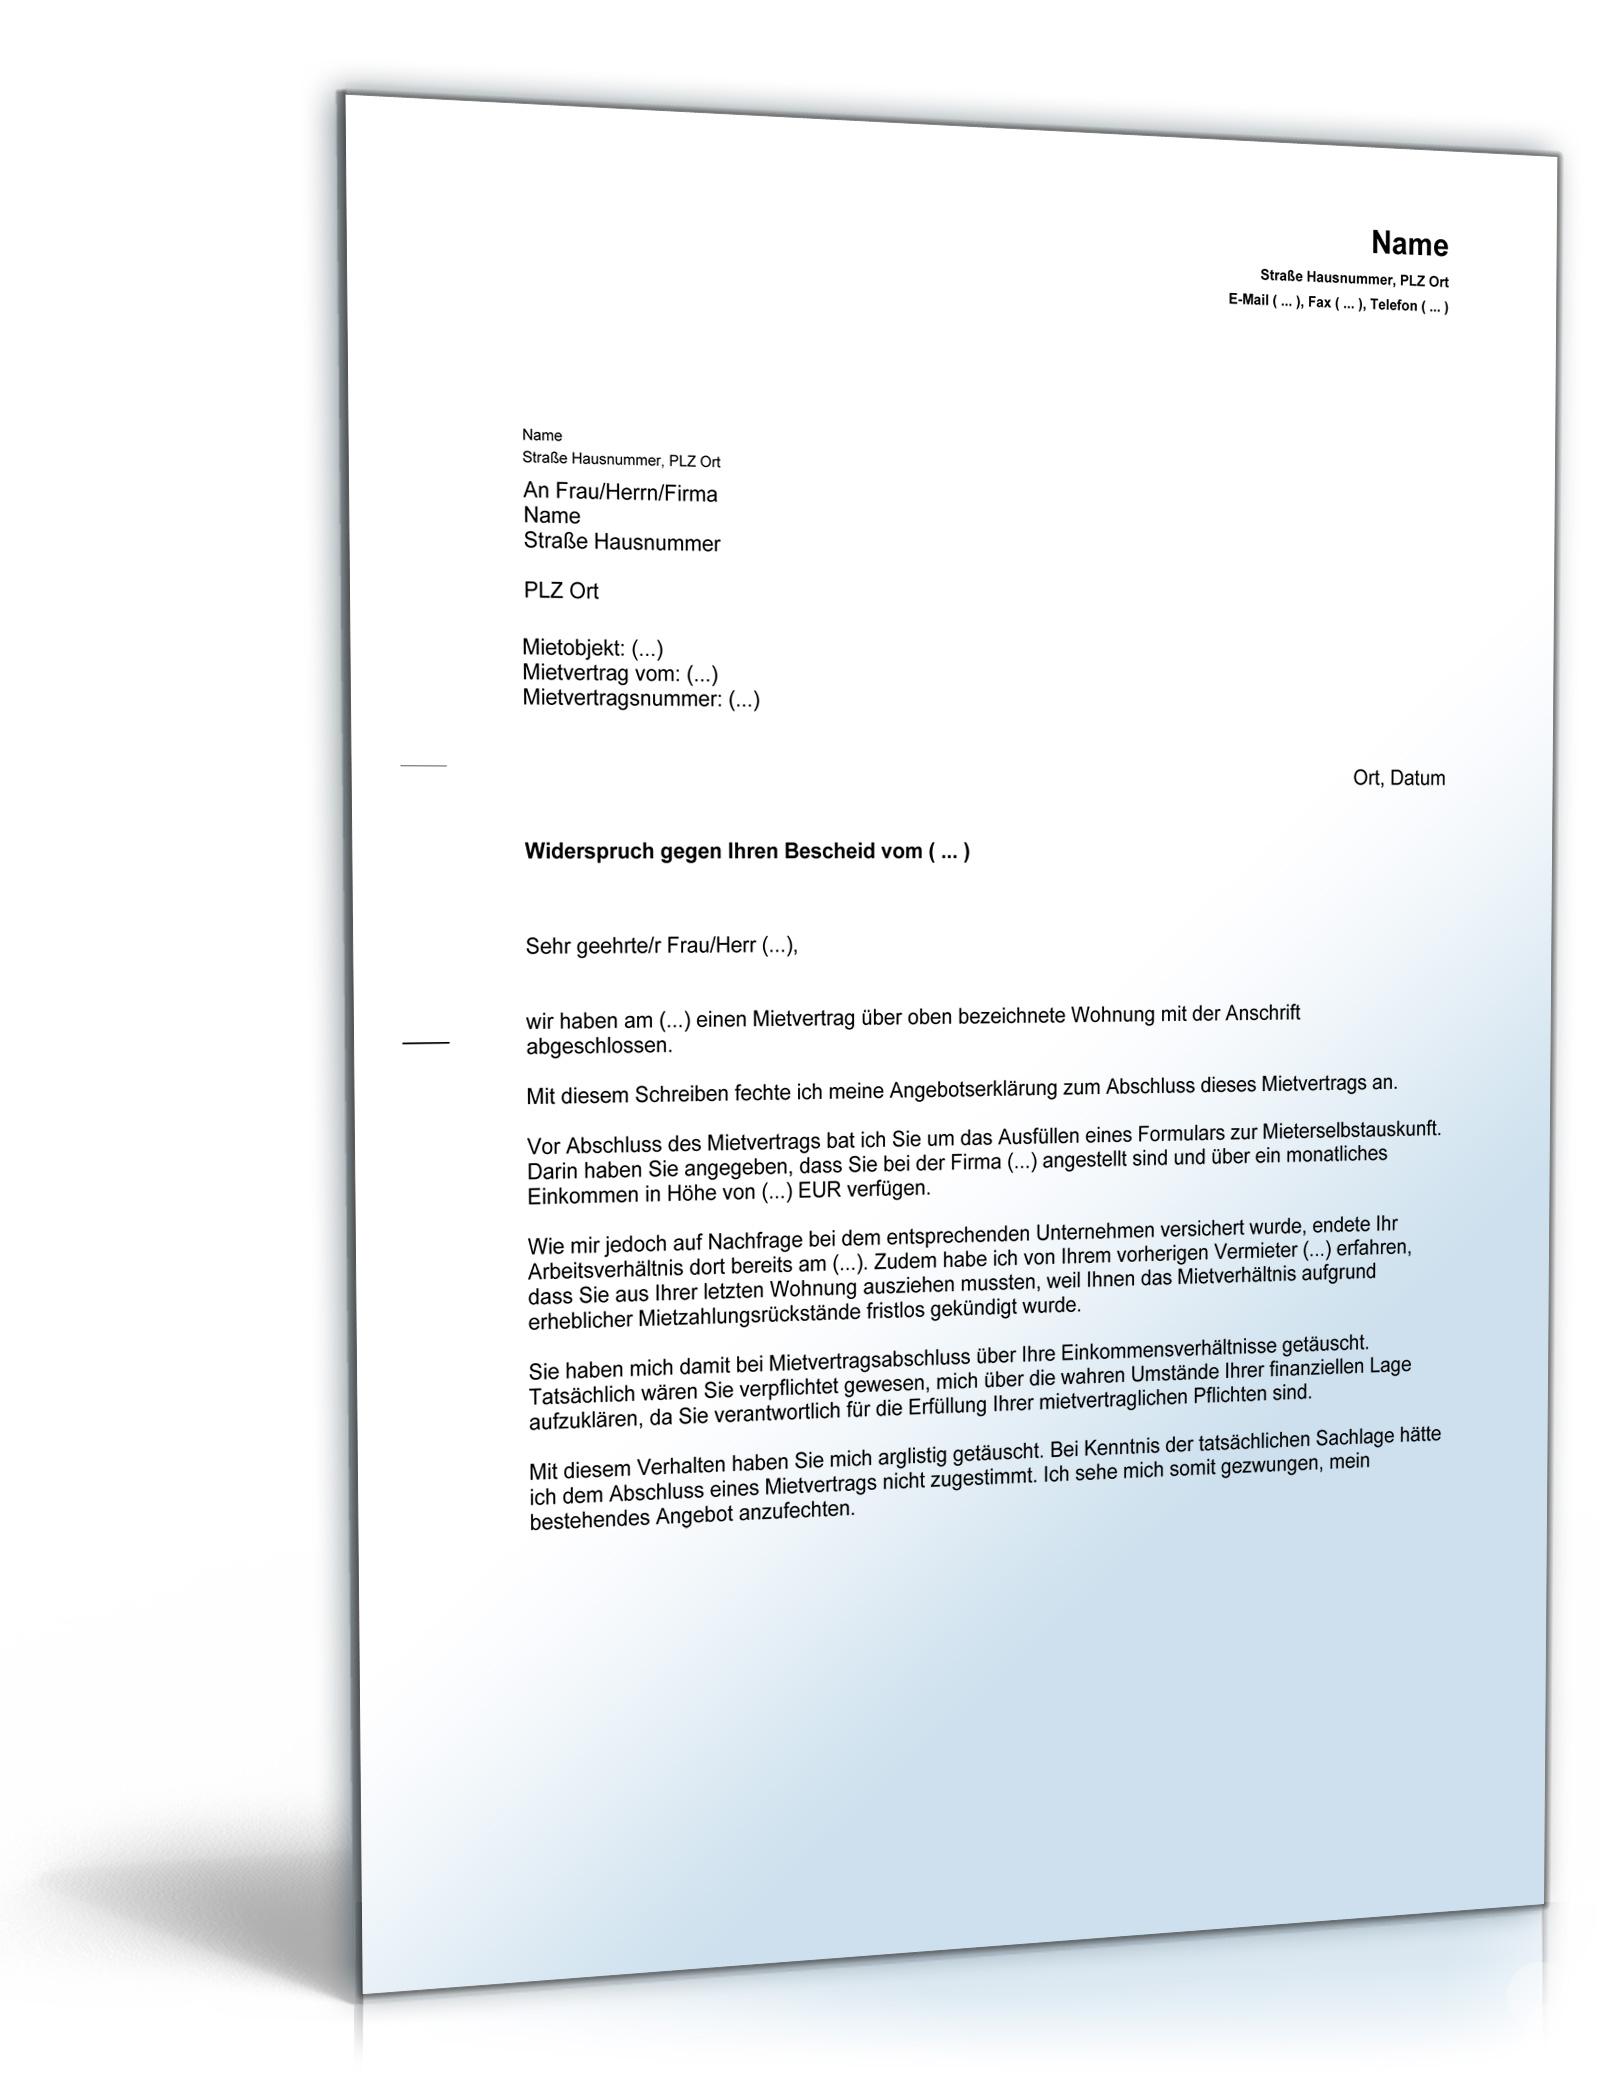 Anfechtung des Mietvertrages wegen falscher Angaben zum Einkommen